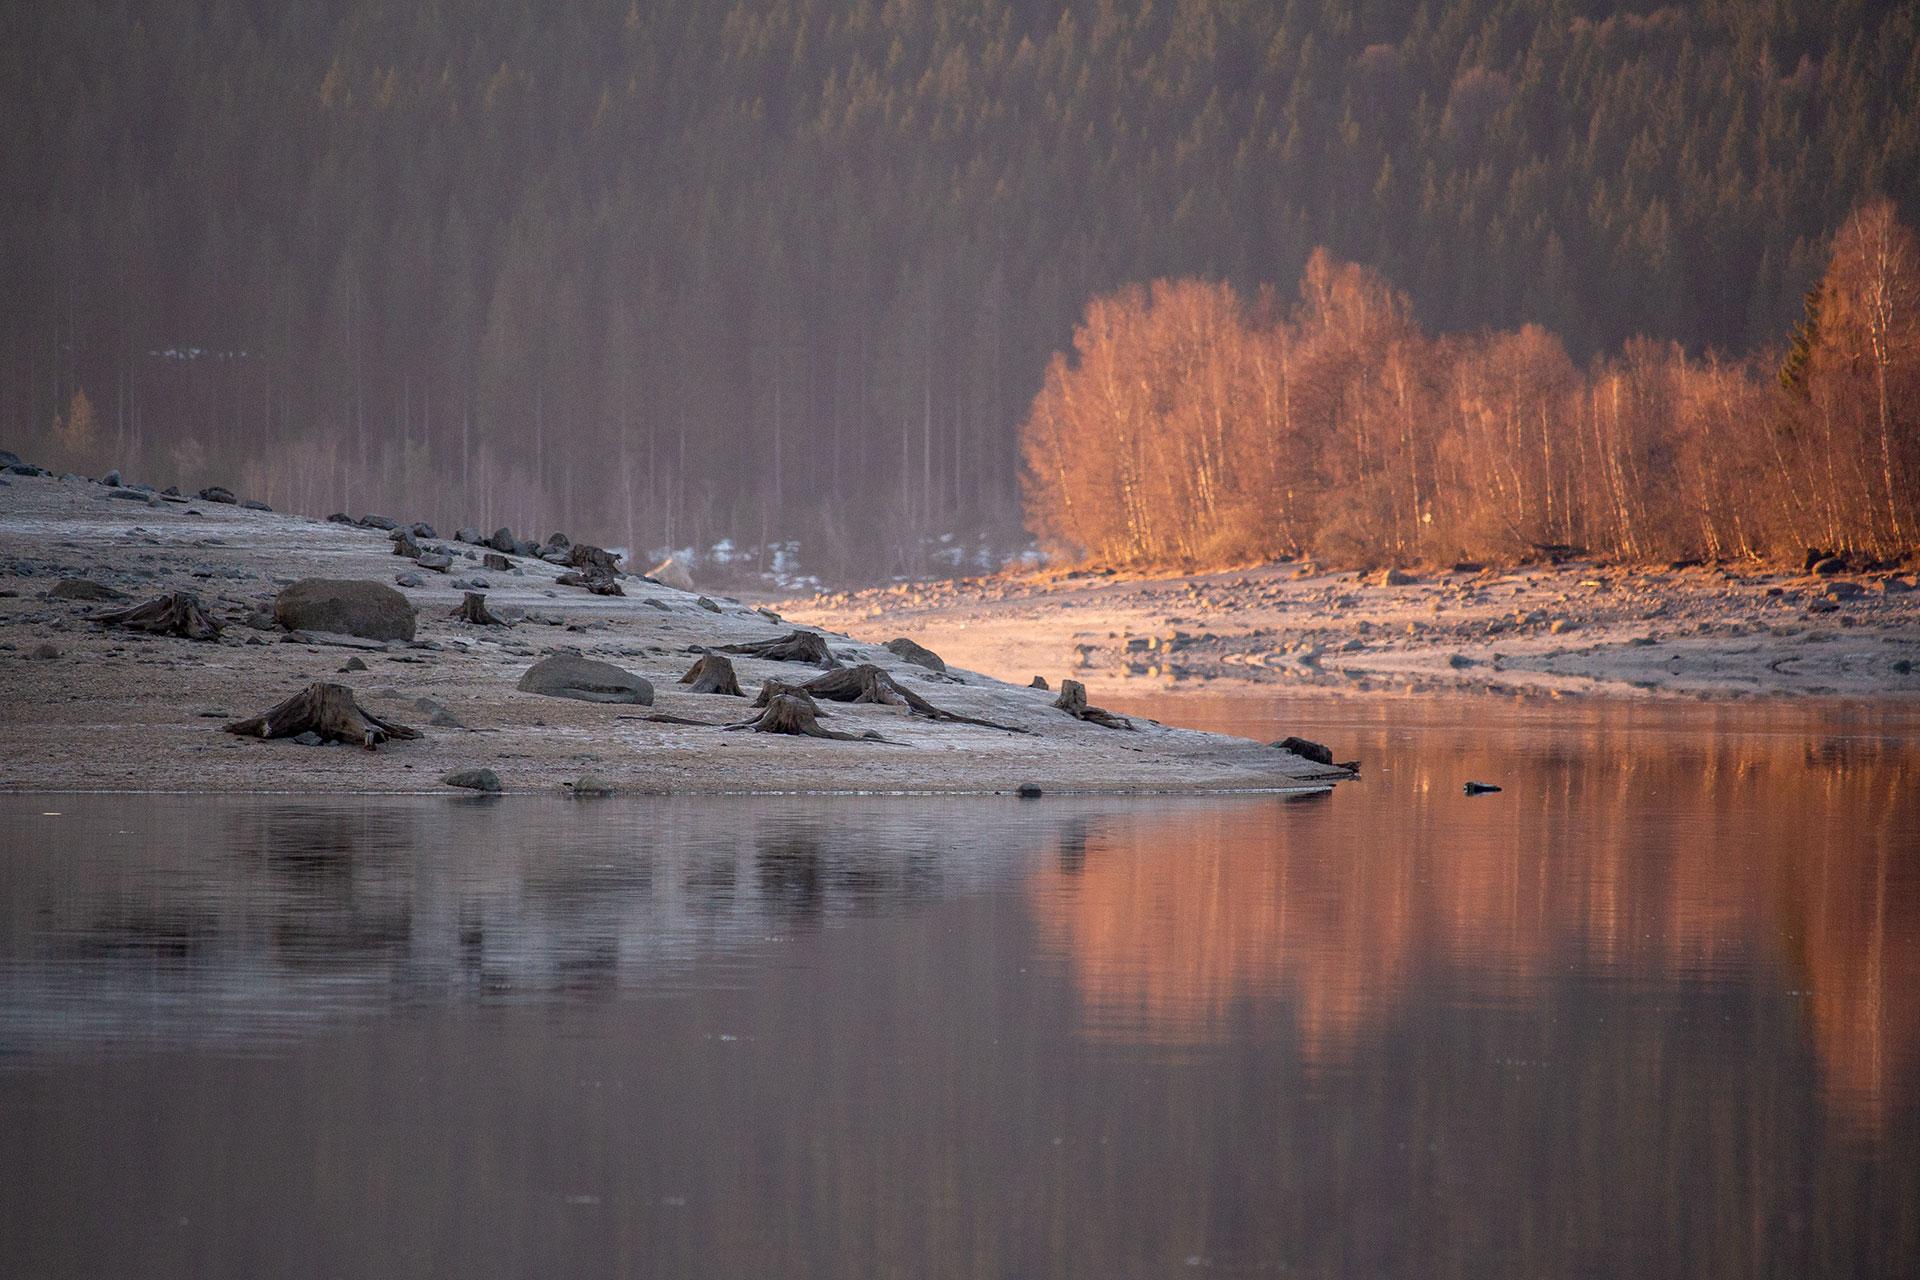 Licht bringt Farbe in unsere Welt. Eine halbe Stunde habe ich an dieser Stelle gewartet, während die Sonne langsam über den Berg und das Licht über das Ufer wanderte, bis die Bäume orange im Morgenlicht strahlten.